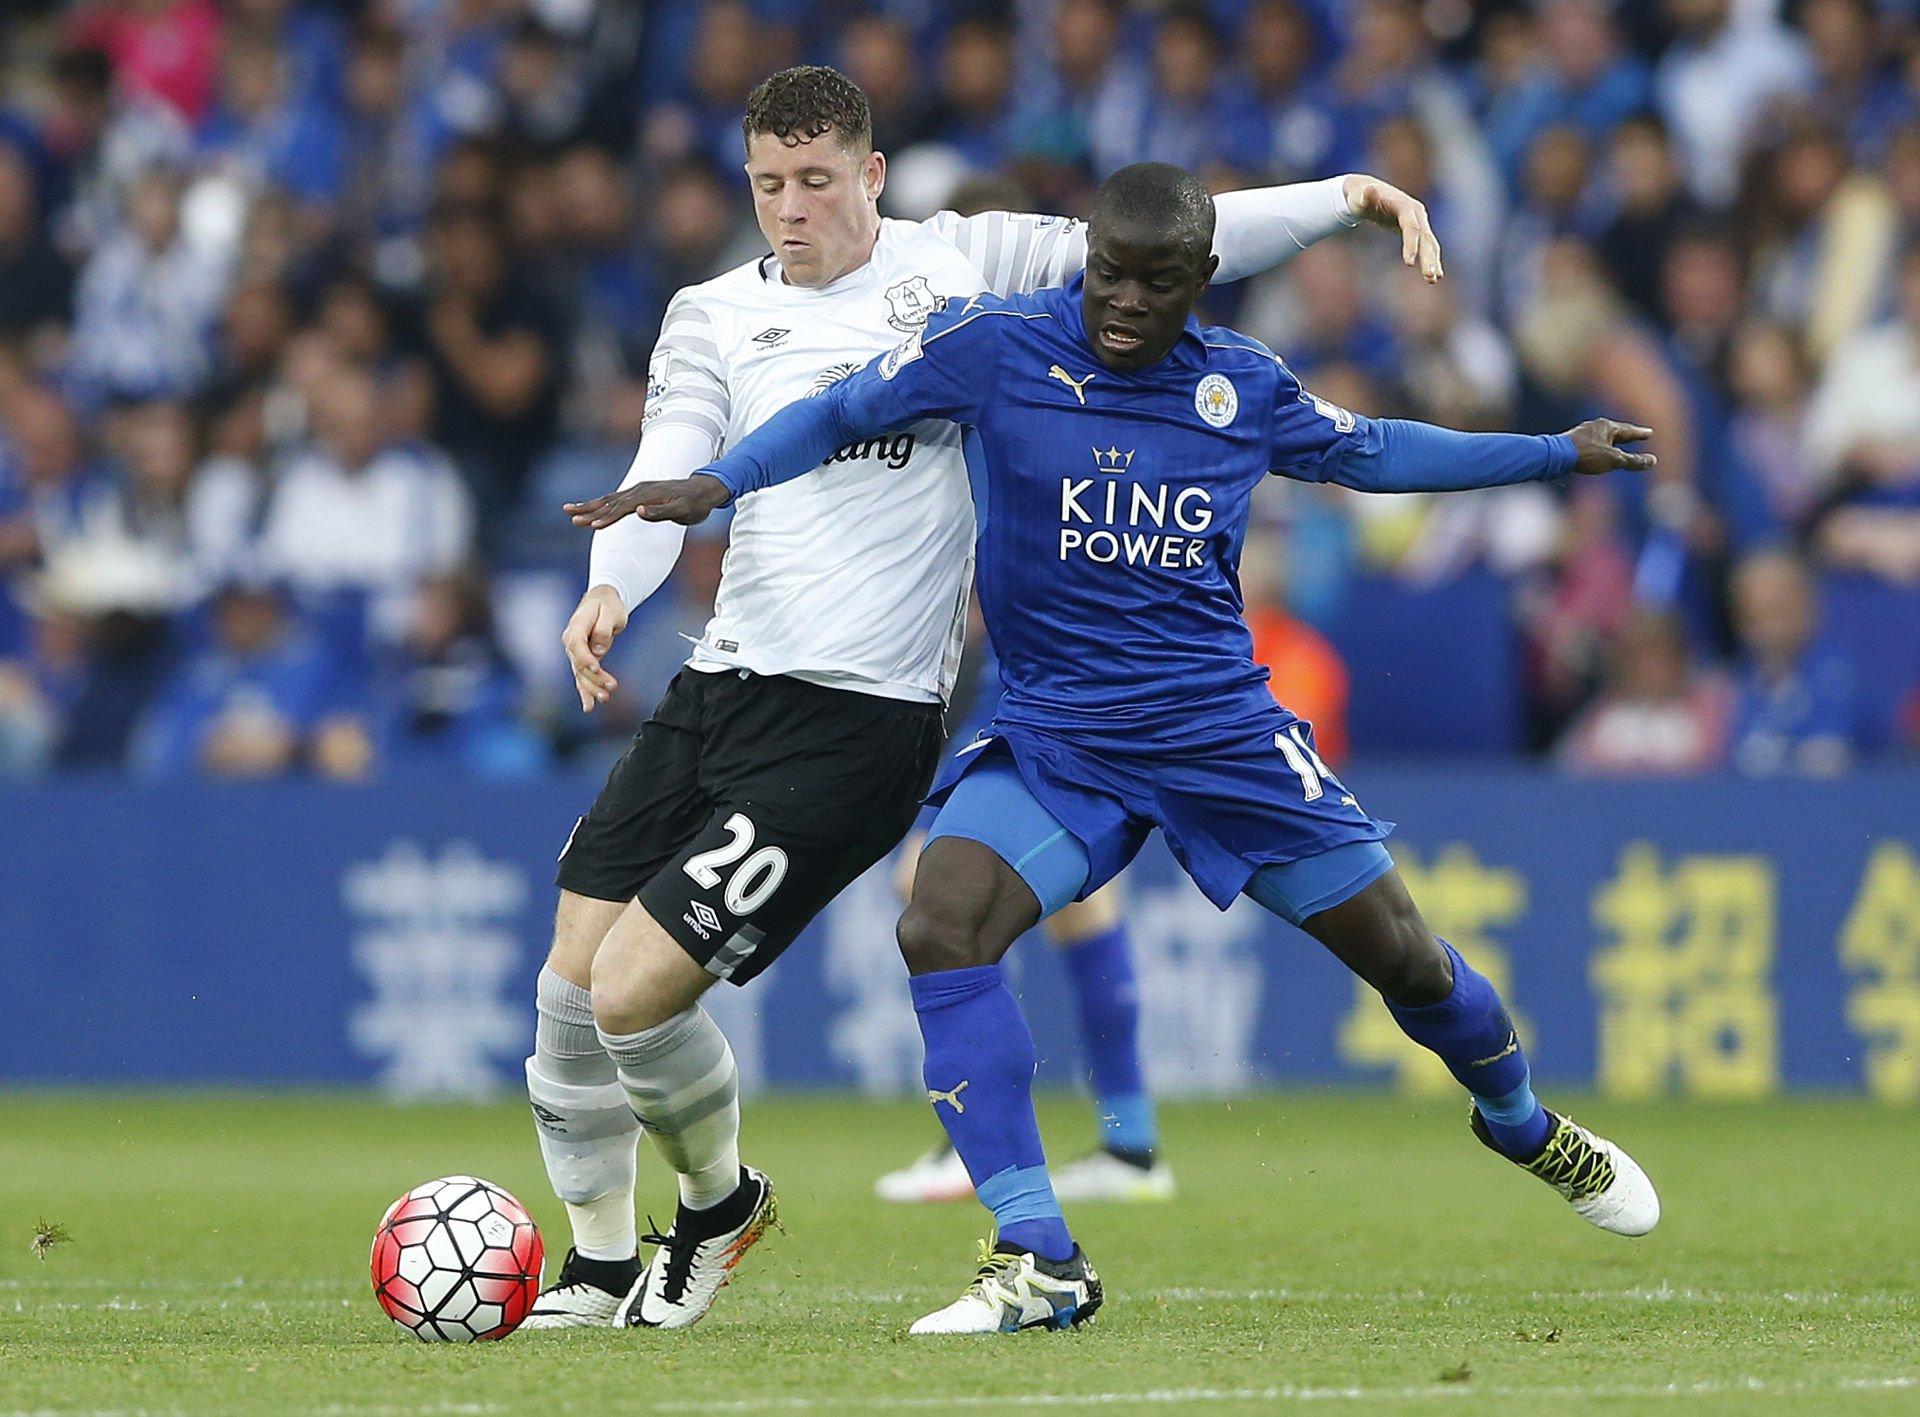 Memenangkan Liga Premier bersama Leicester City pada tahun 2016 membawa bakat Kante terungkap.  Foto: Reuters